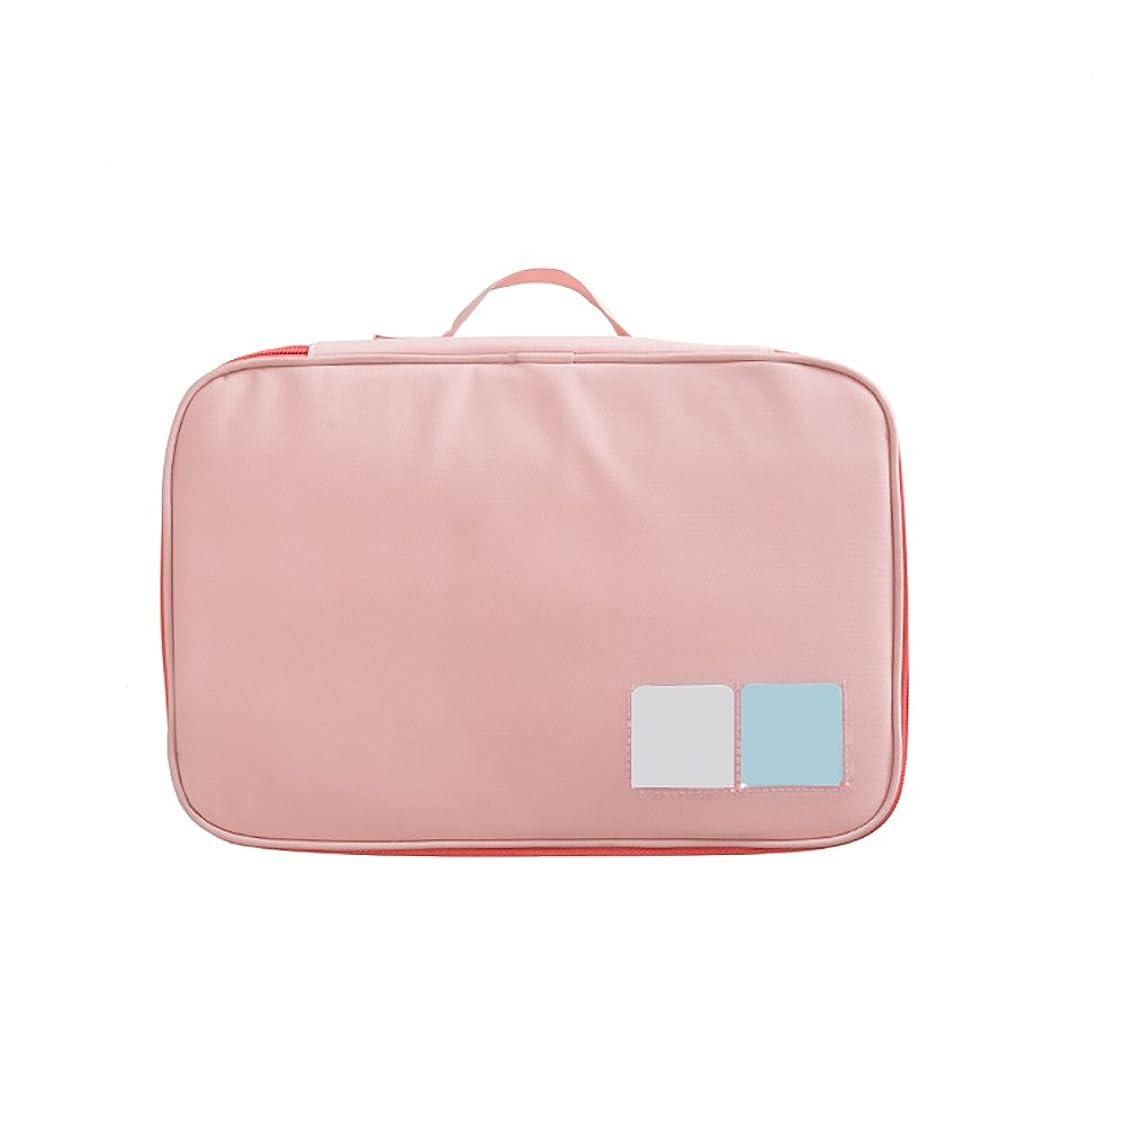 露出度の高い差対抗旅行ウォッシュバッグ女性の旅行服の収納袋の衣服ソートバッグ厚い防水ポータブル大容量下着バッグ